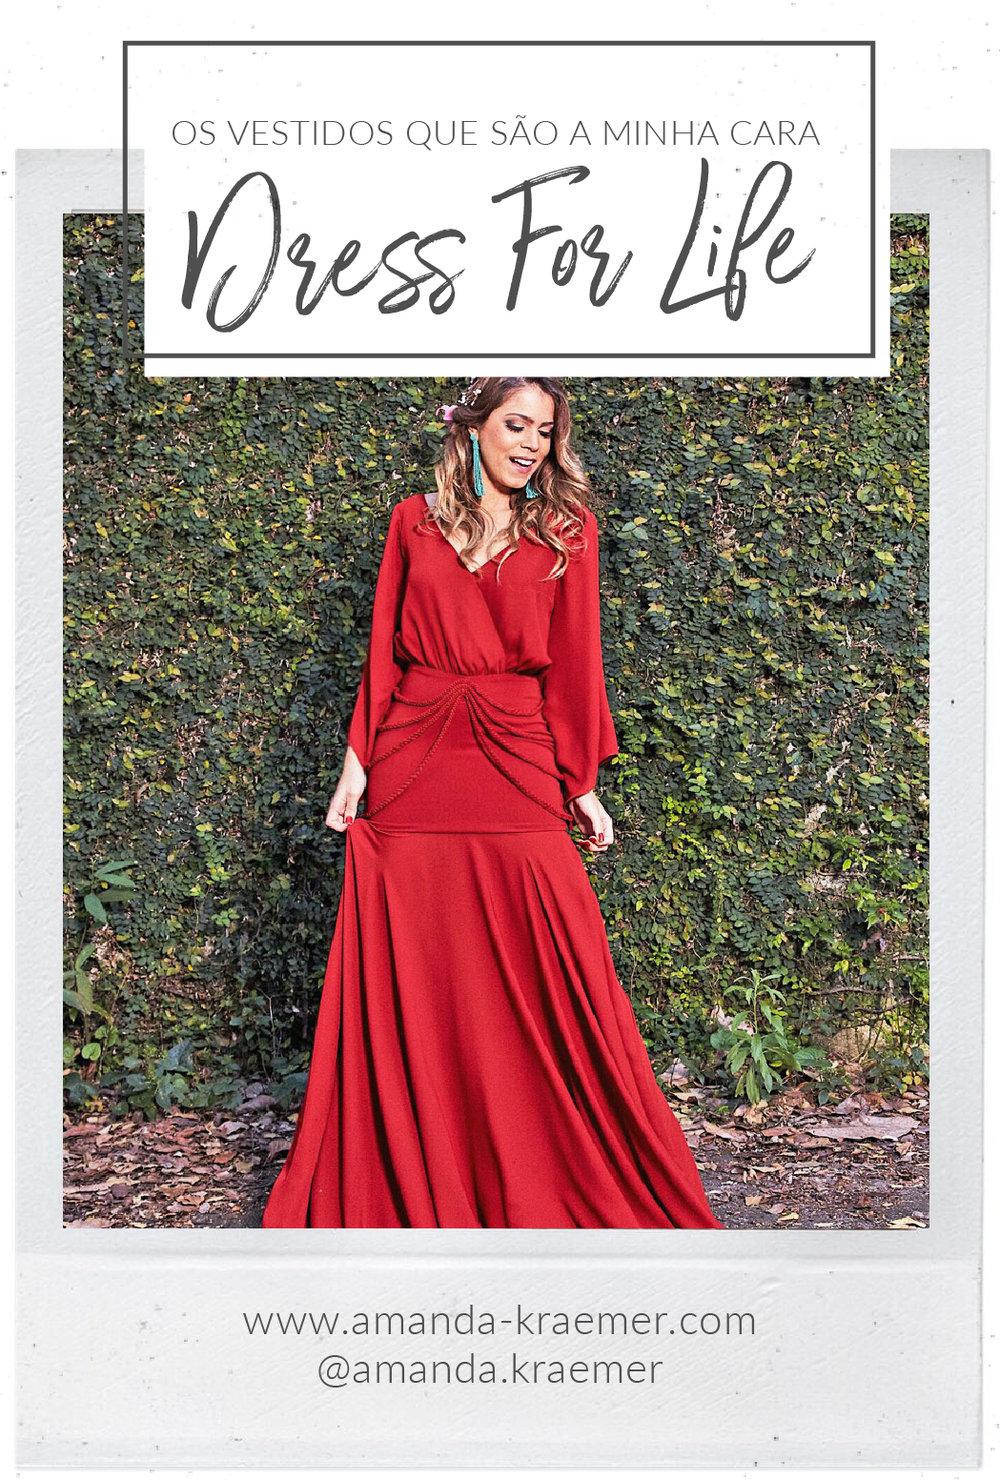 VESTIDOS-DRESS-FOR-LIFE-CAPA.jpg